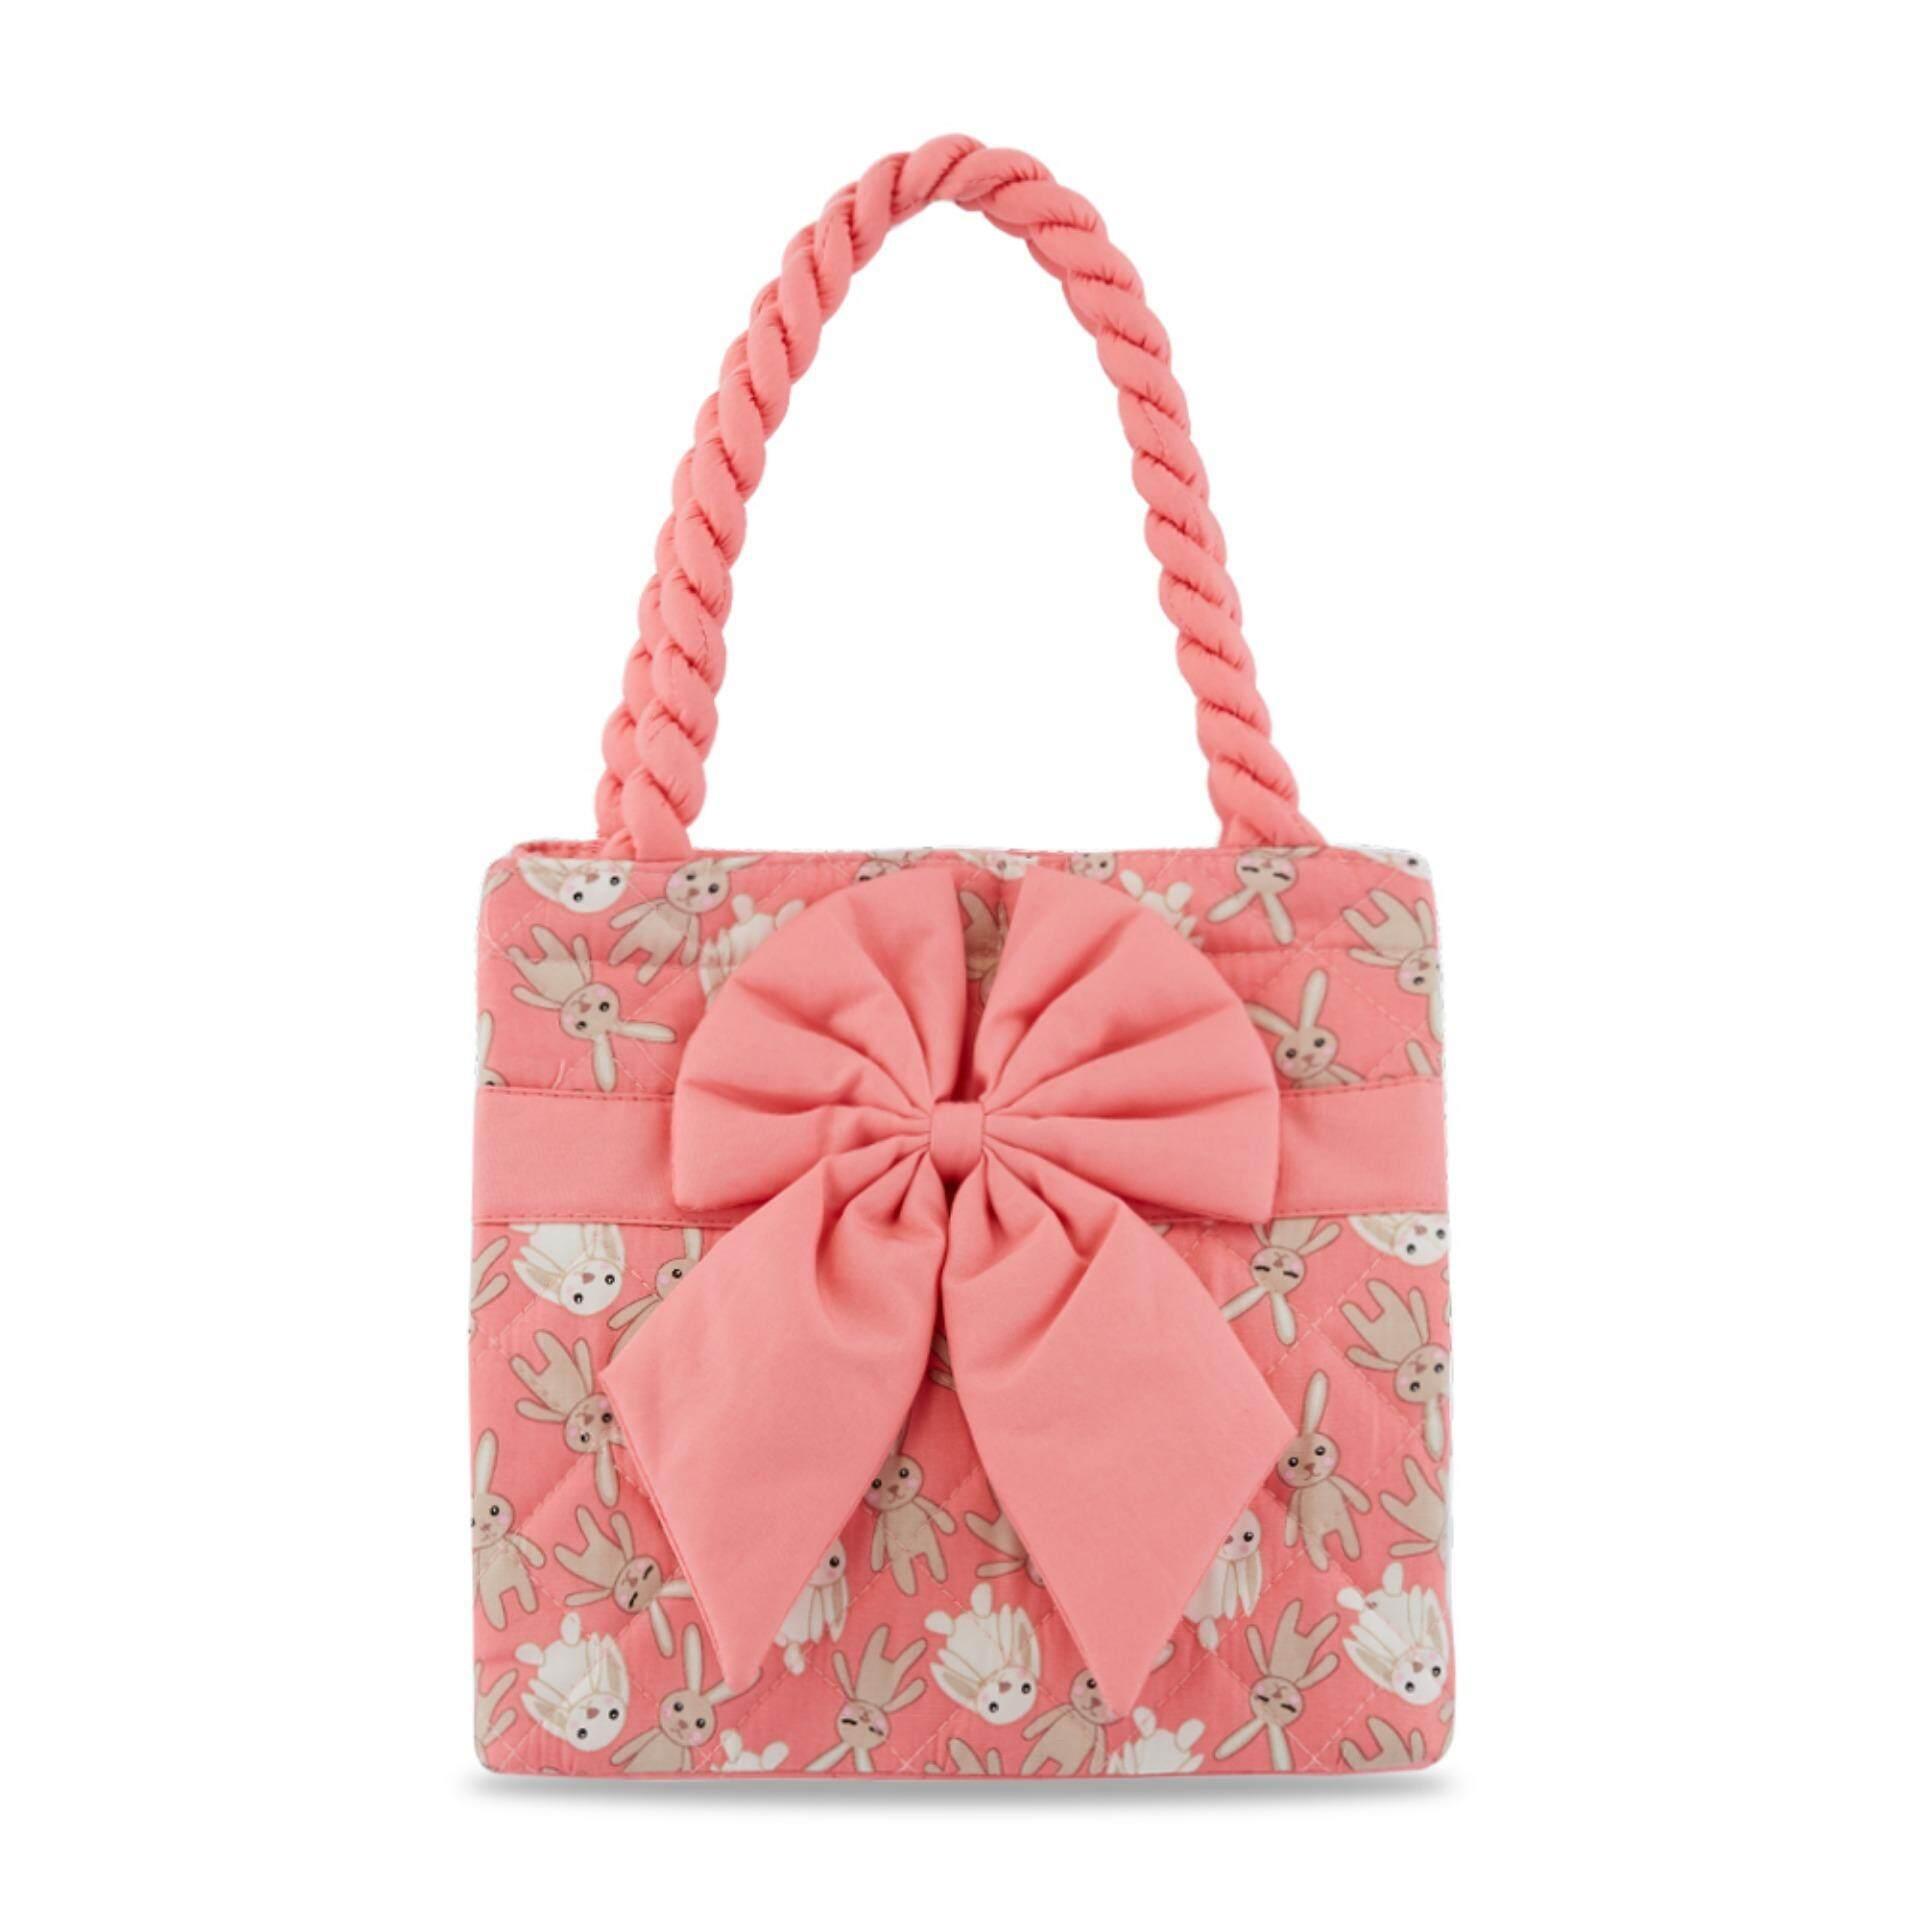 กระเป๋าถือทรงสี่เหลี่ยม NaRaYa Bunny Printed Quilted with Ribbon